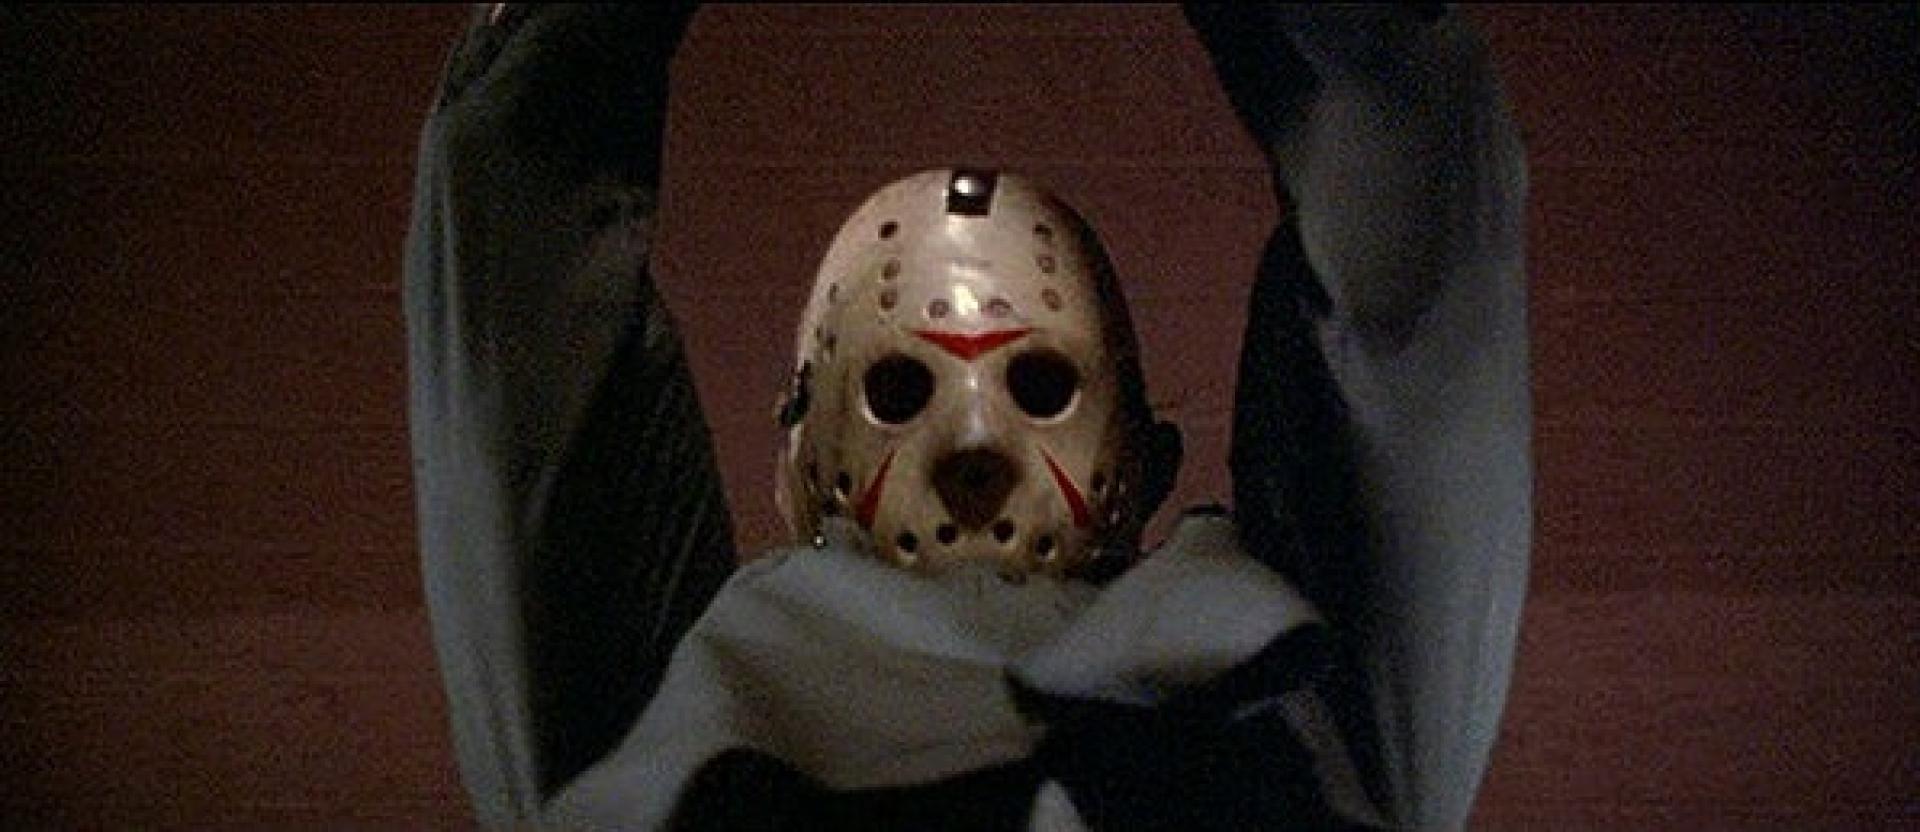 Friday the 13th Part III - Péntek 13. - III. rész: Véres kirándulás (1982) 1. kép